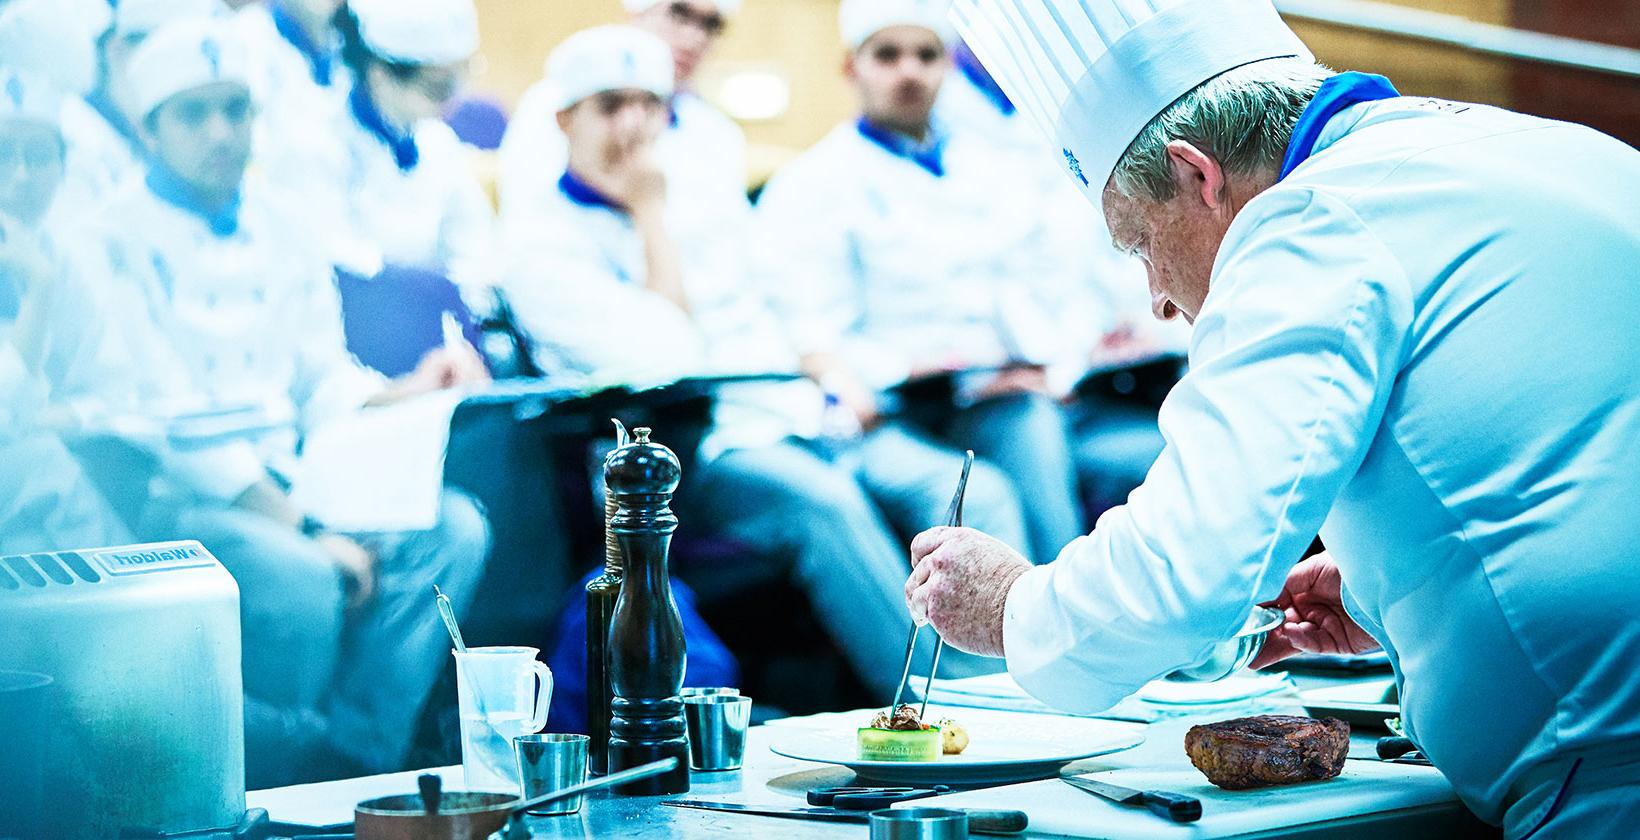 Le Cordon Bleu no Brasil: conheça de onde saem os melhores chefs